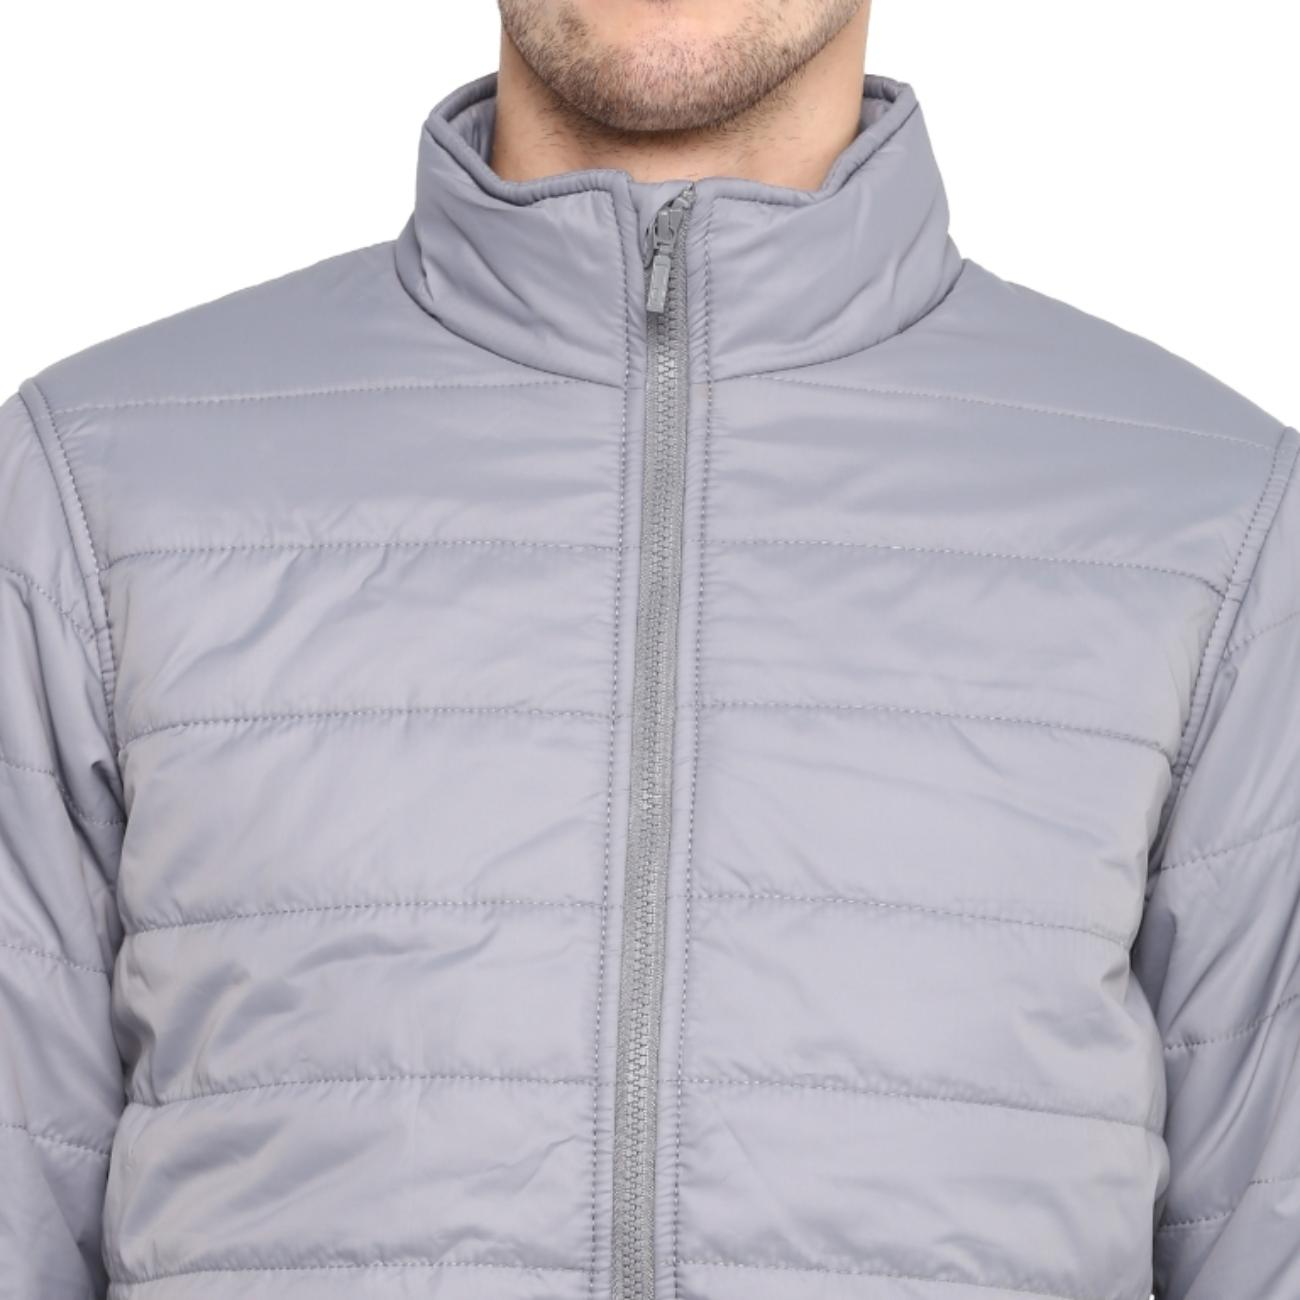 Light Gray Jacket Online for Men